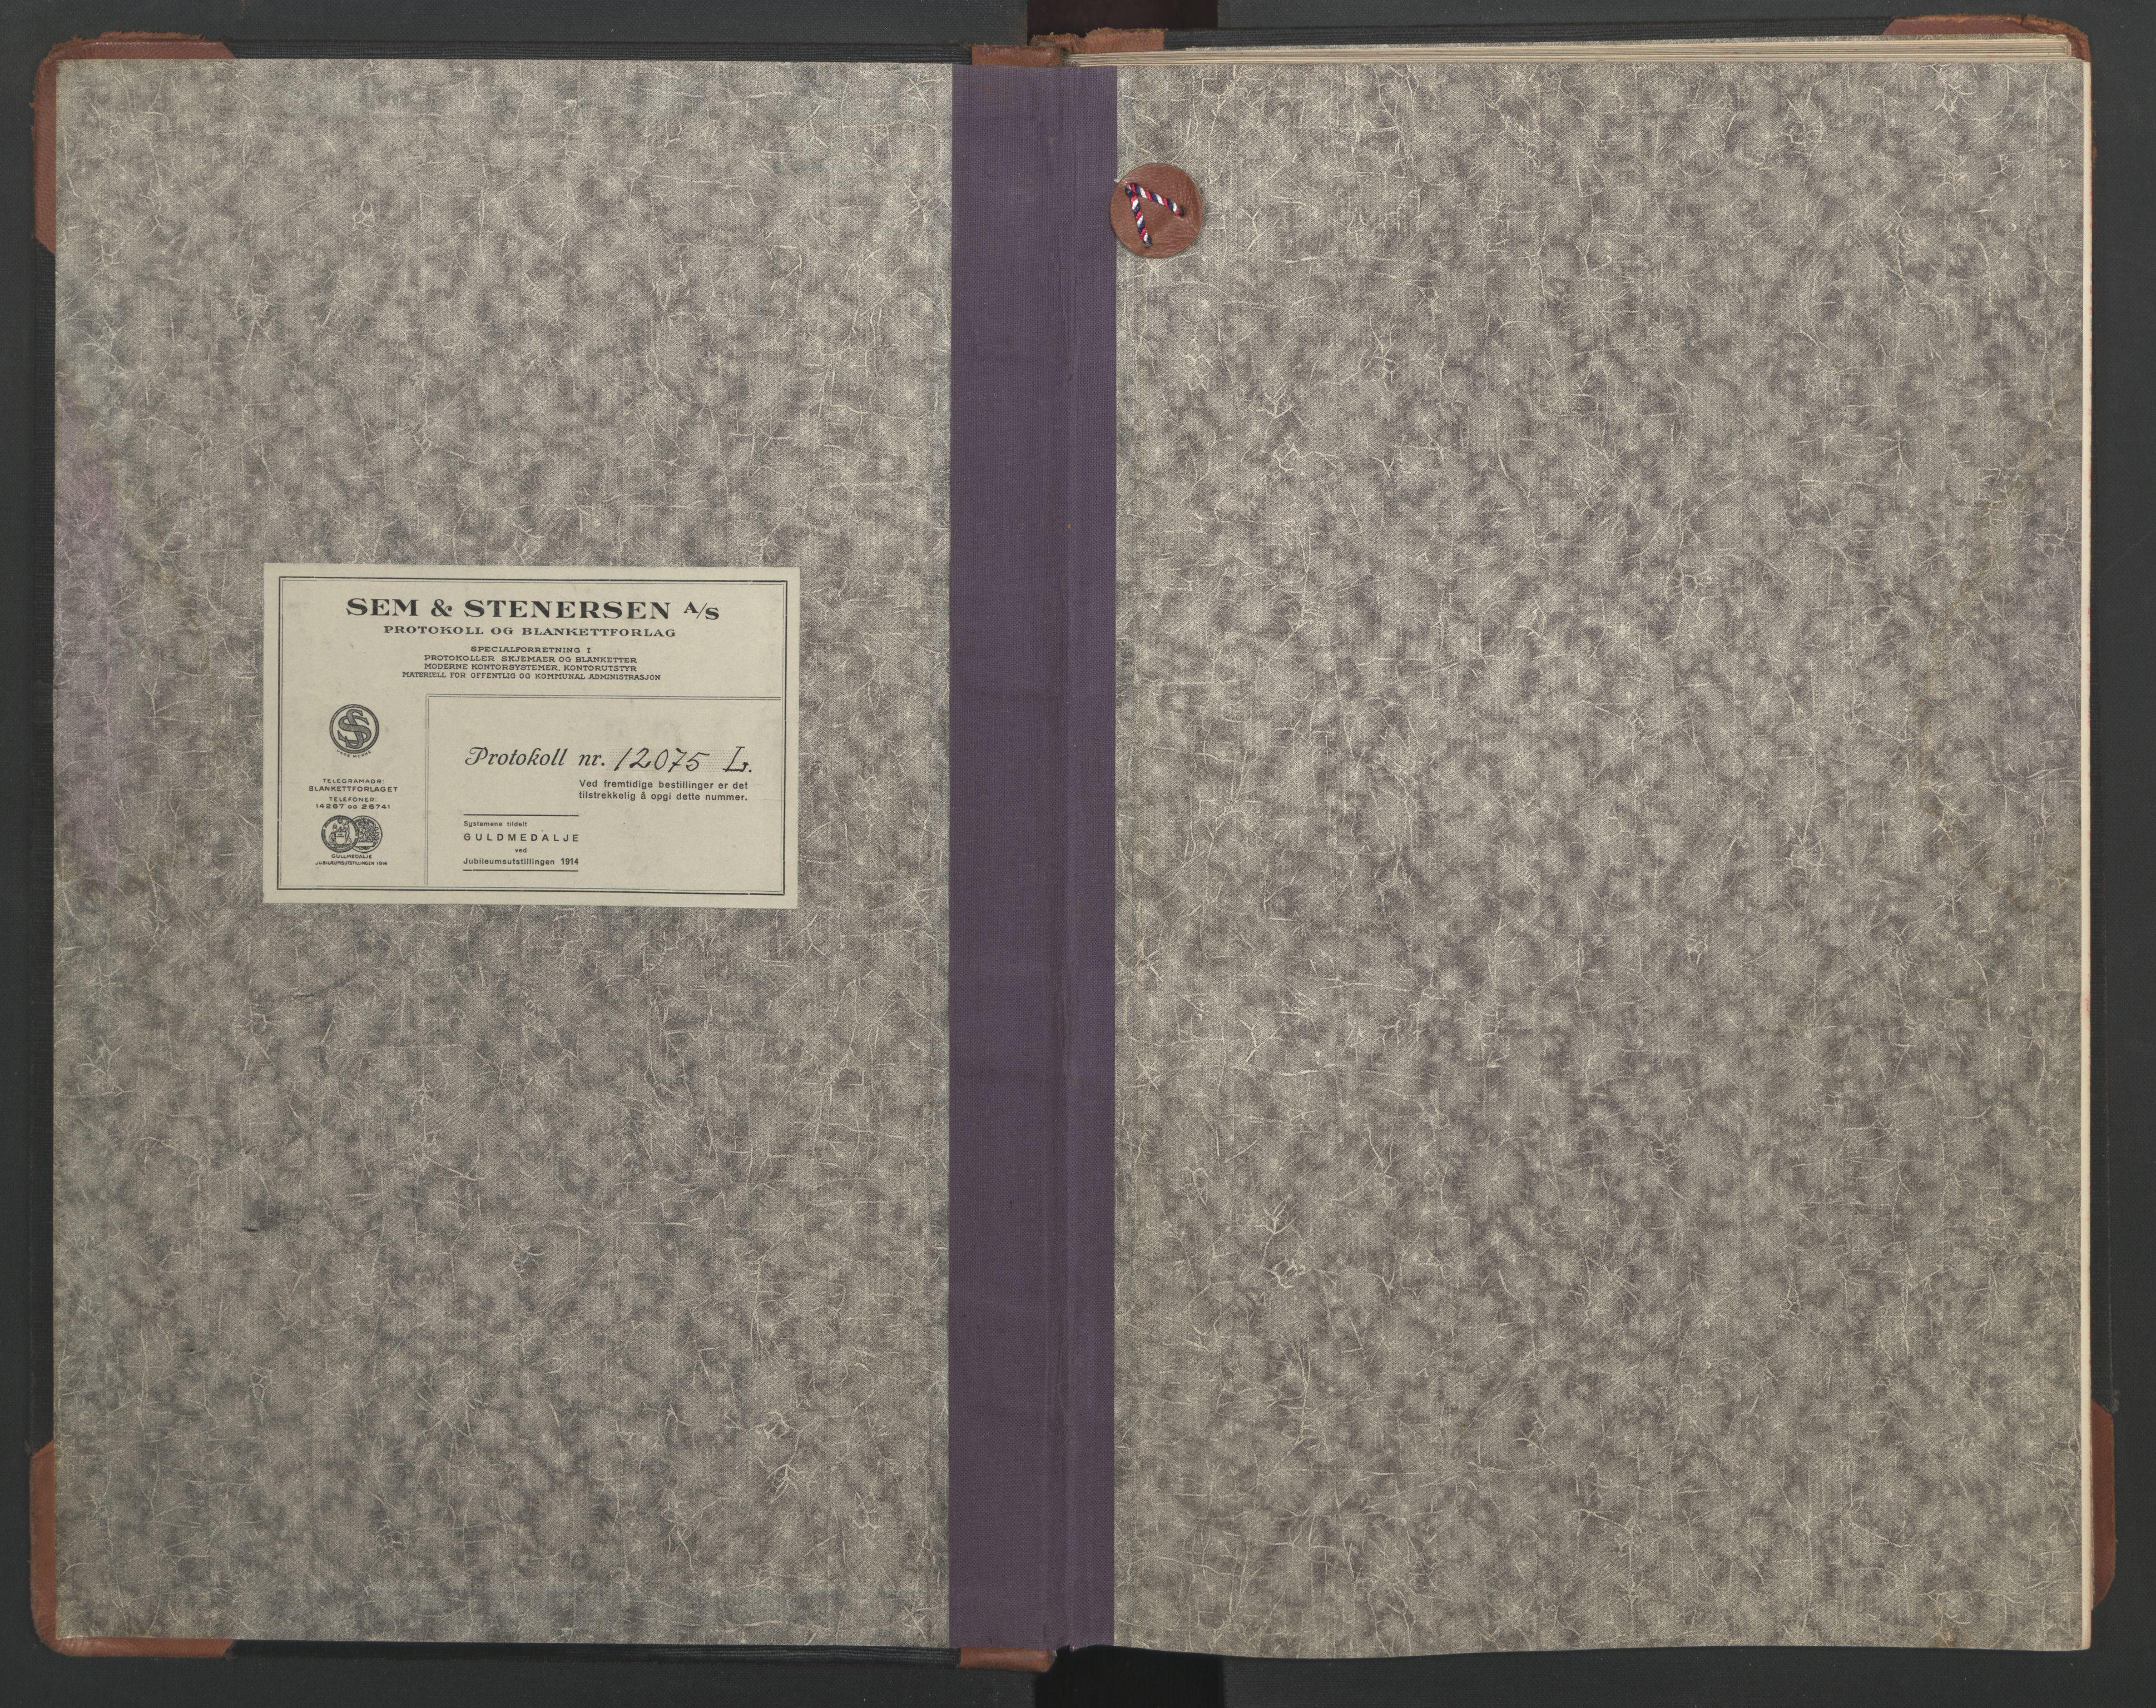 SAT, Ministerialprotokoller, klokkerbøker og fødselsregistre - Sør-Trøndelag, 687/L1014: Ministerialbok nr. 687B03, 1936-1951